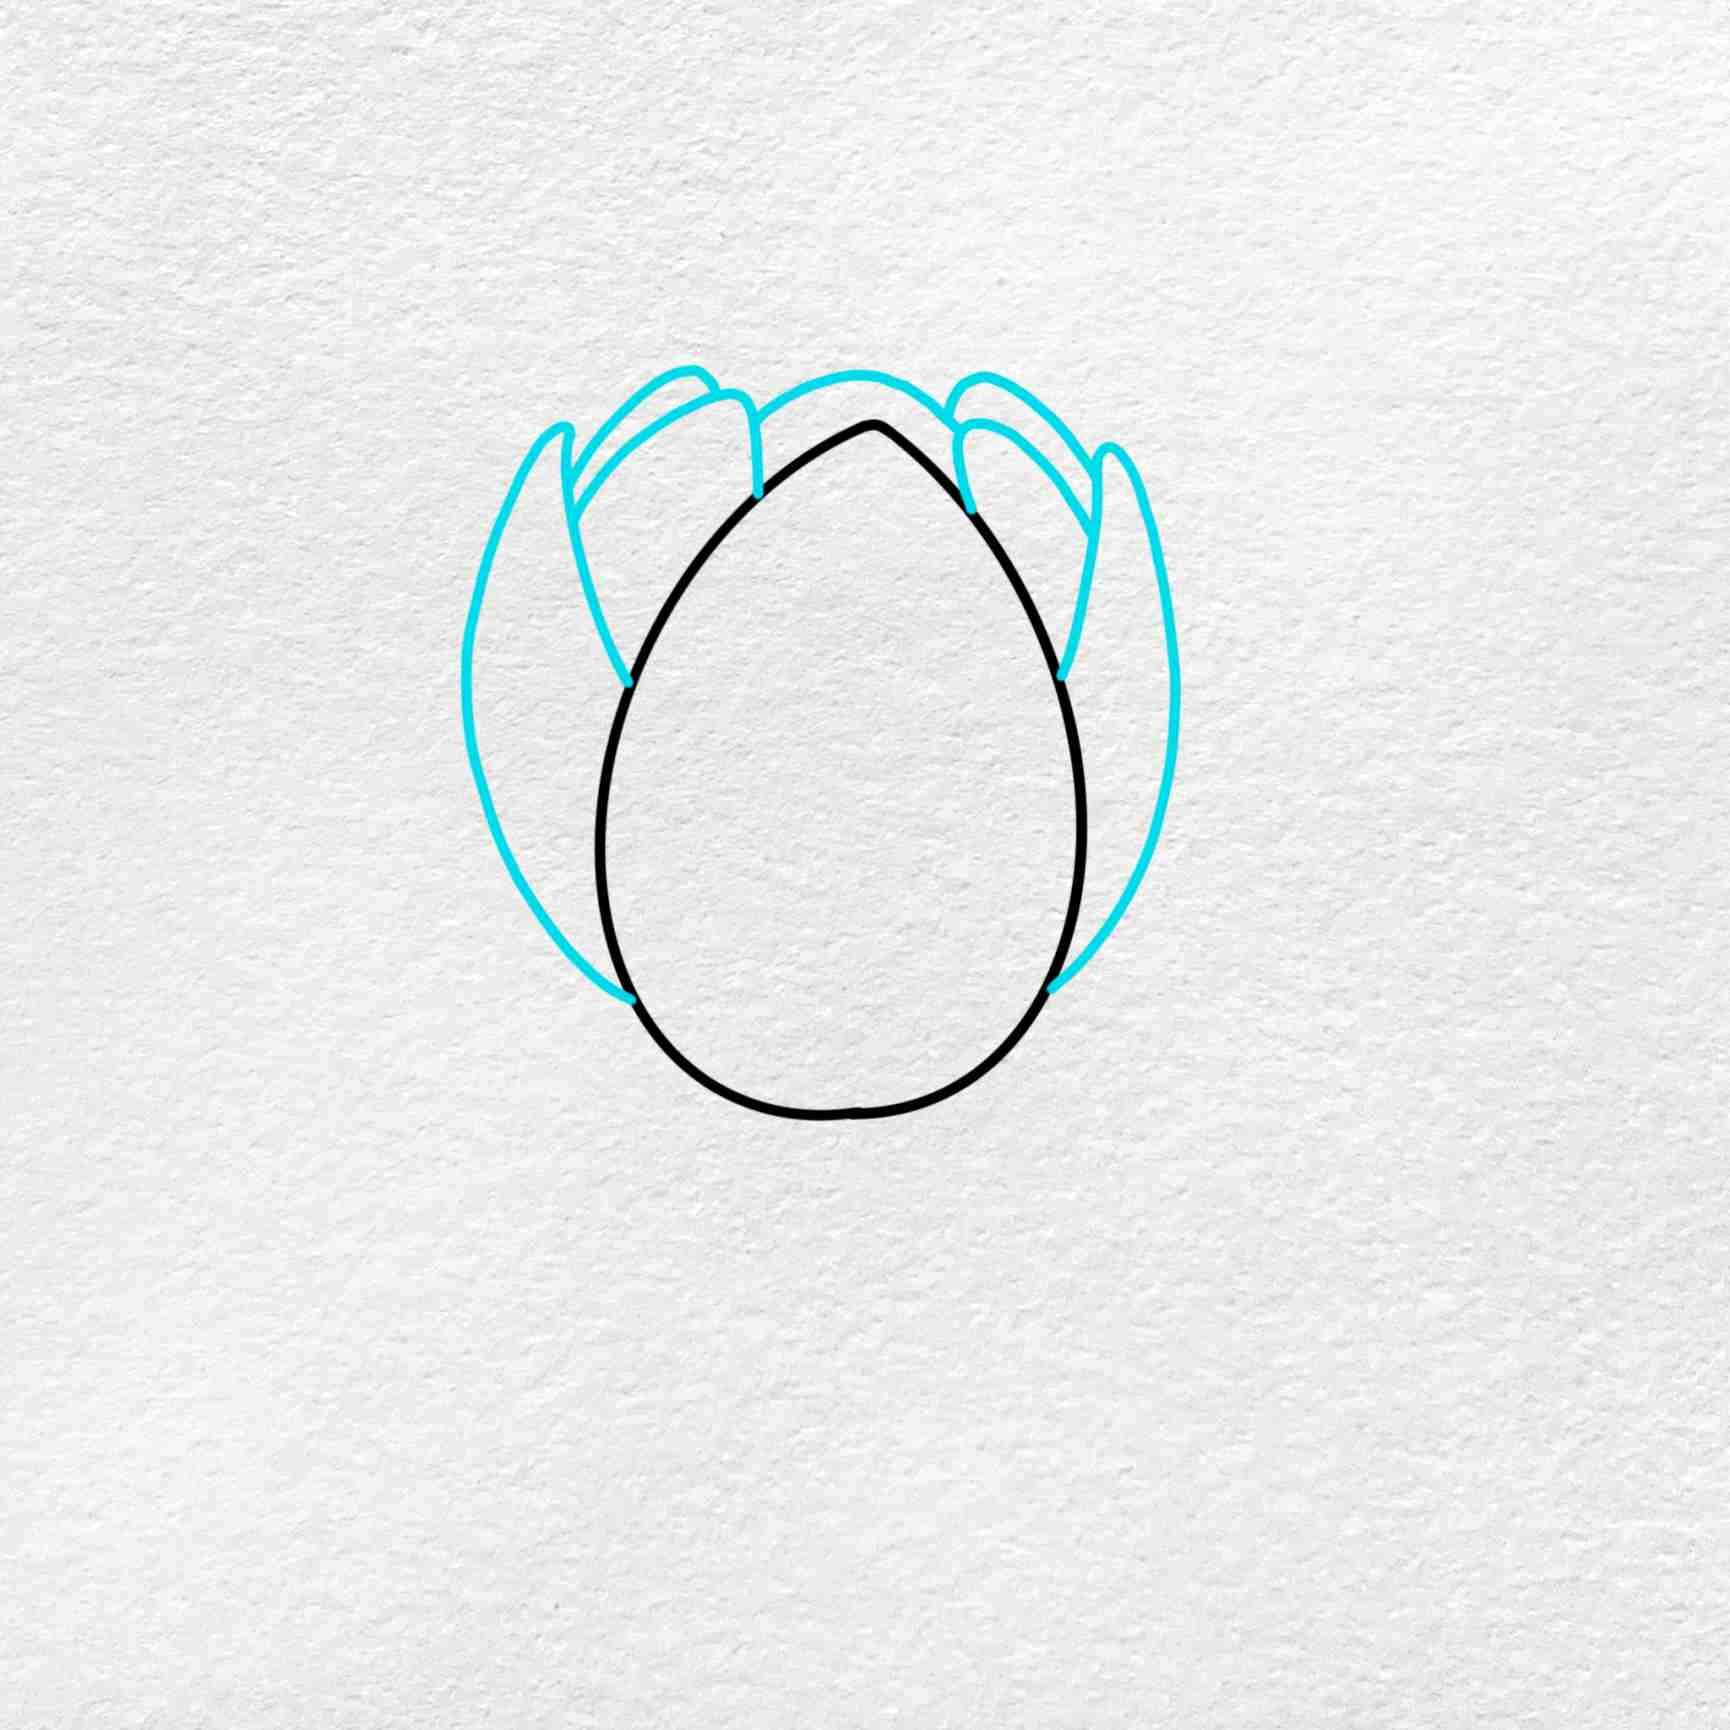 Easy Lotus Drawing: Step 2